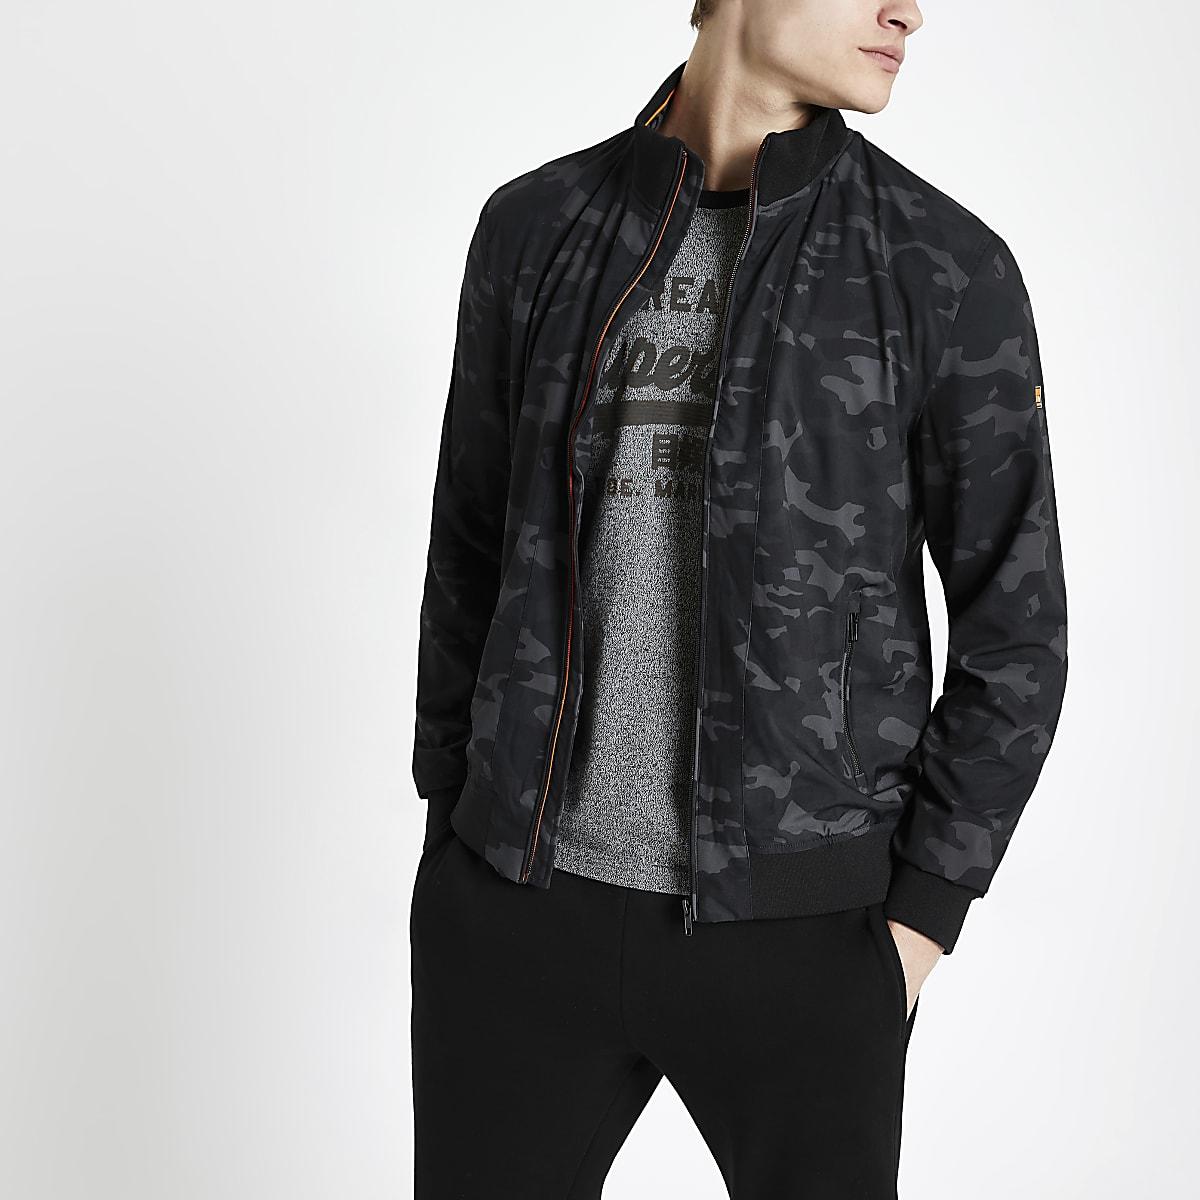 Superdry navy camo Harrington jacket